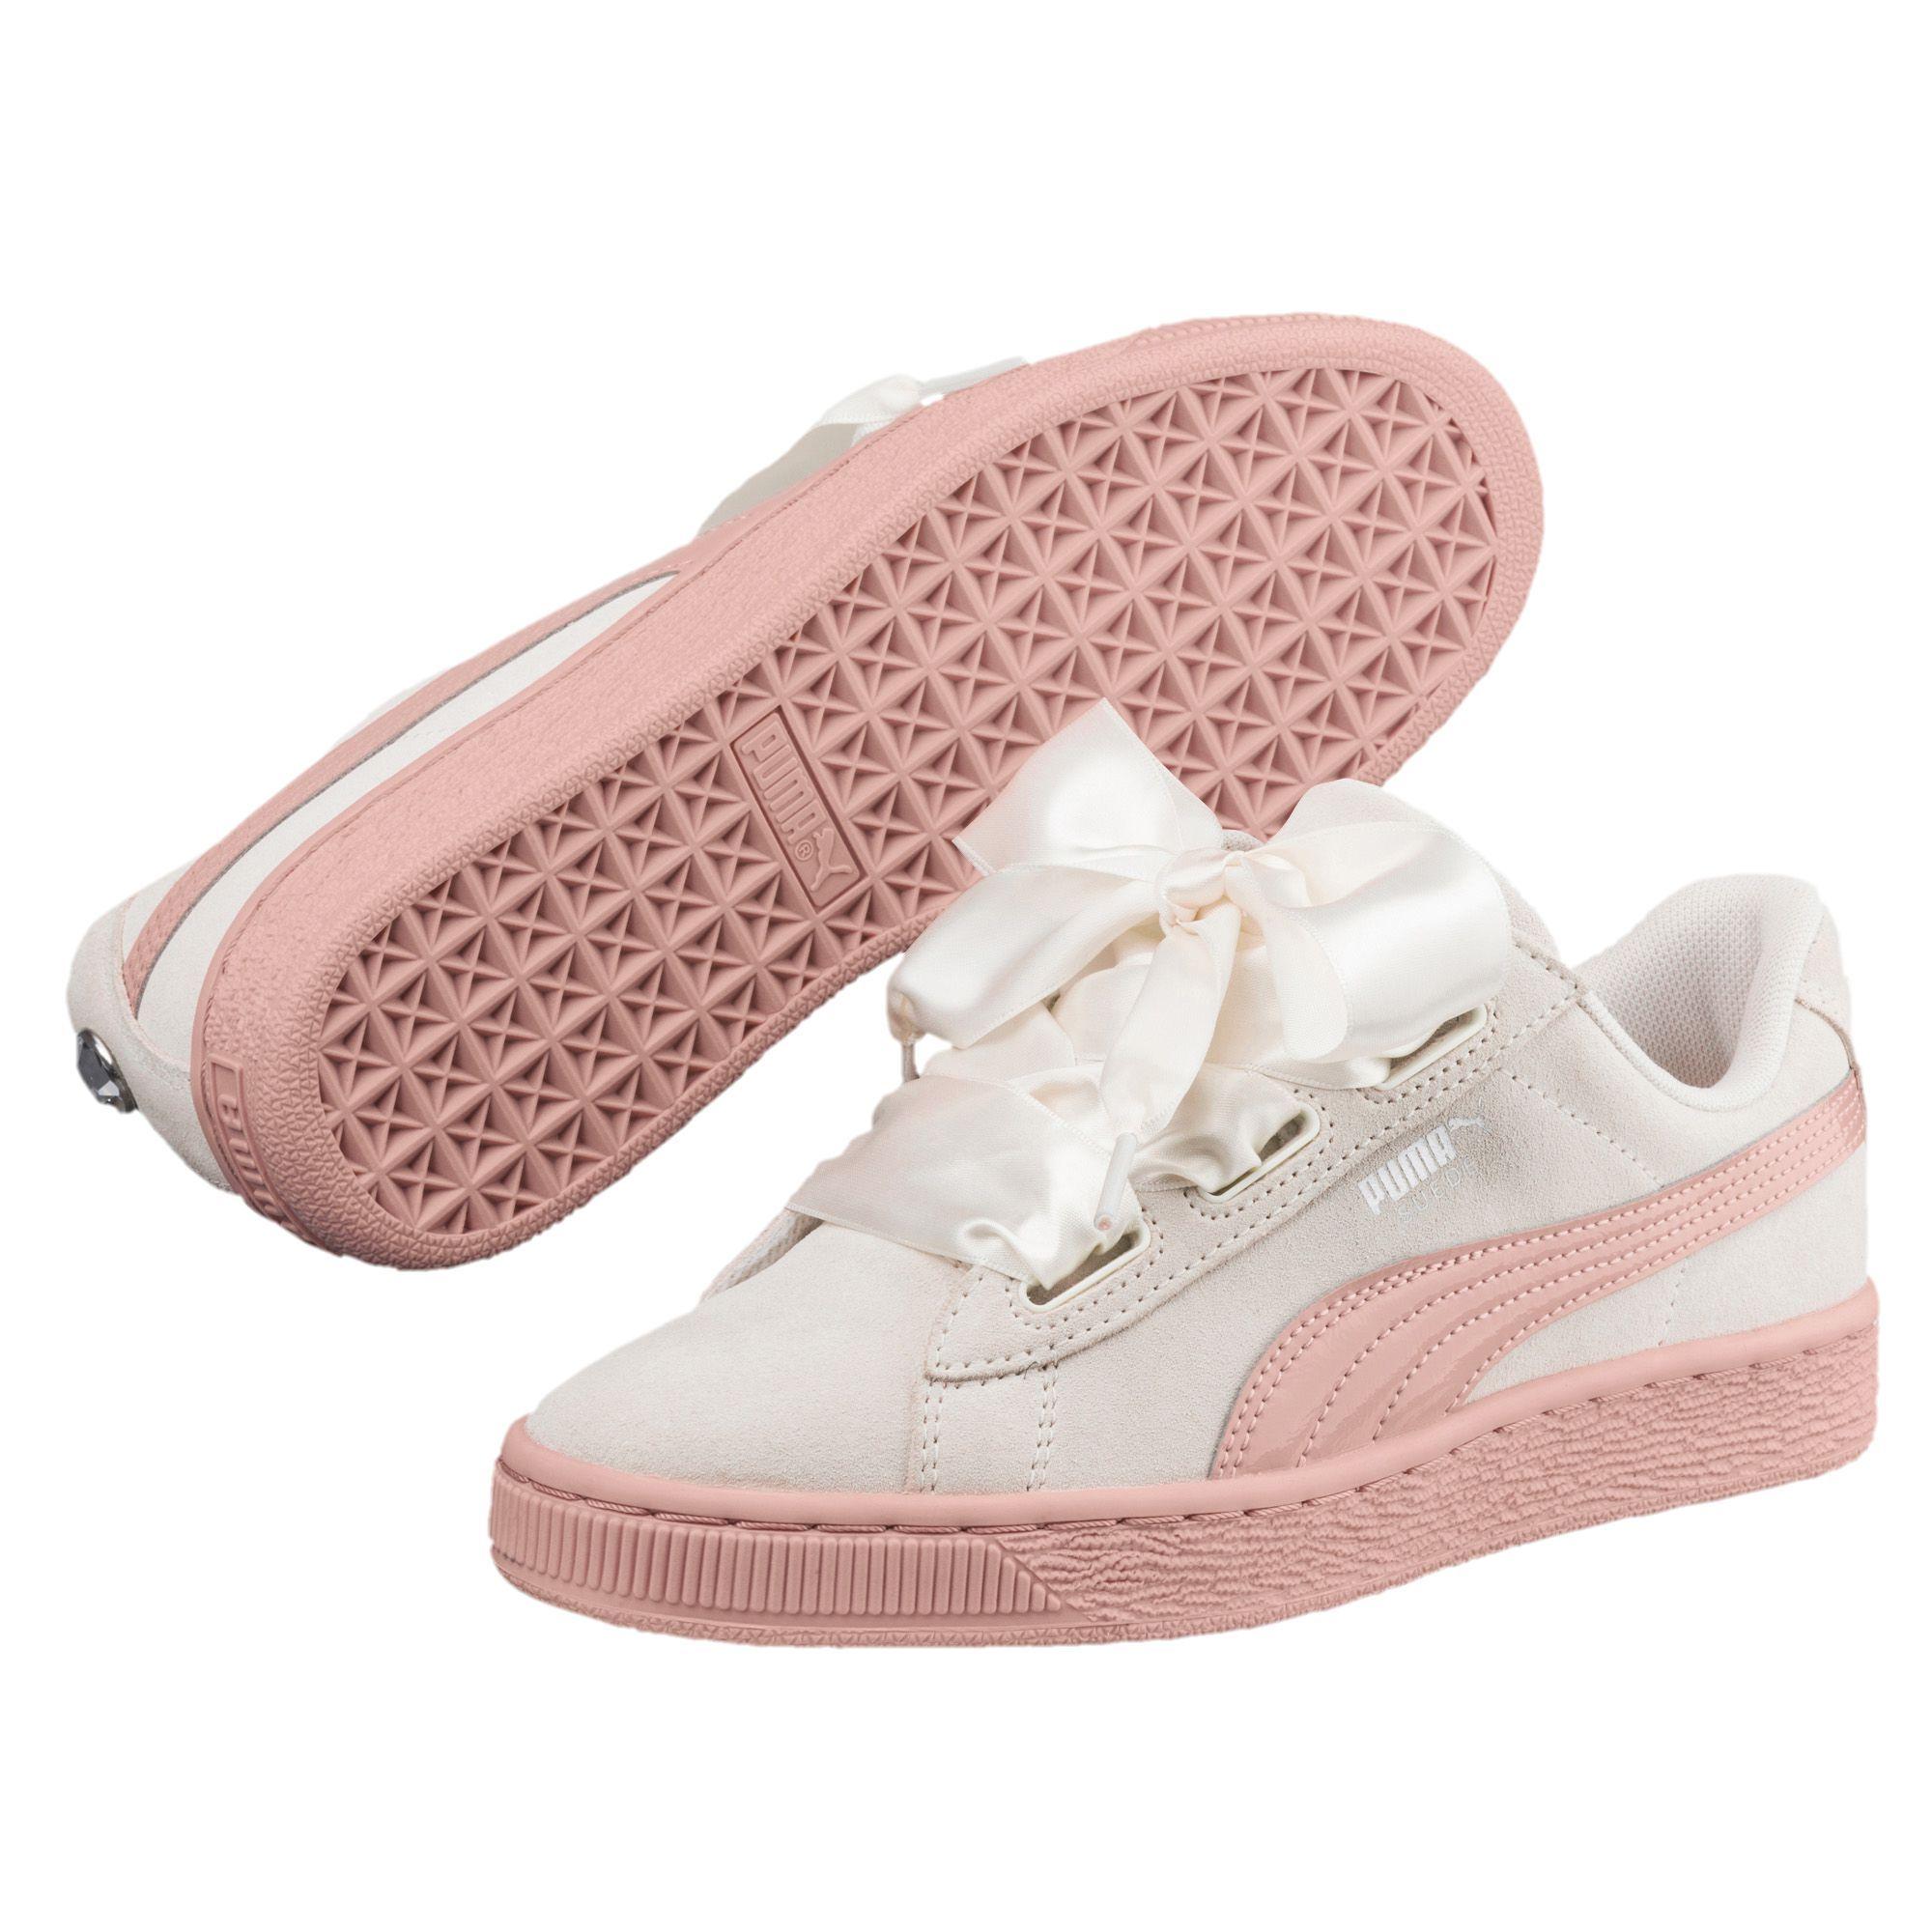 best cheap 40274 e63dd PUMA-Suede-Heart-Jewel-JR-Sneakers-Girls-Shoe-Kids-New ...